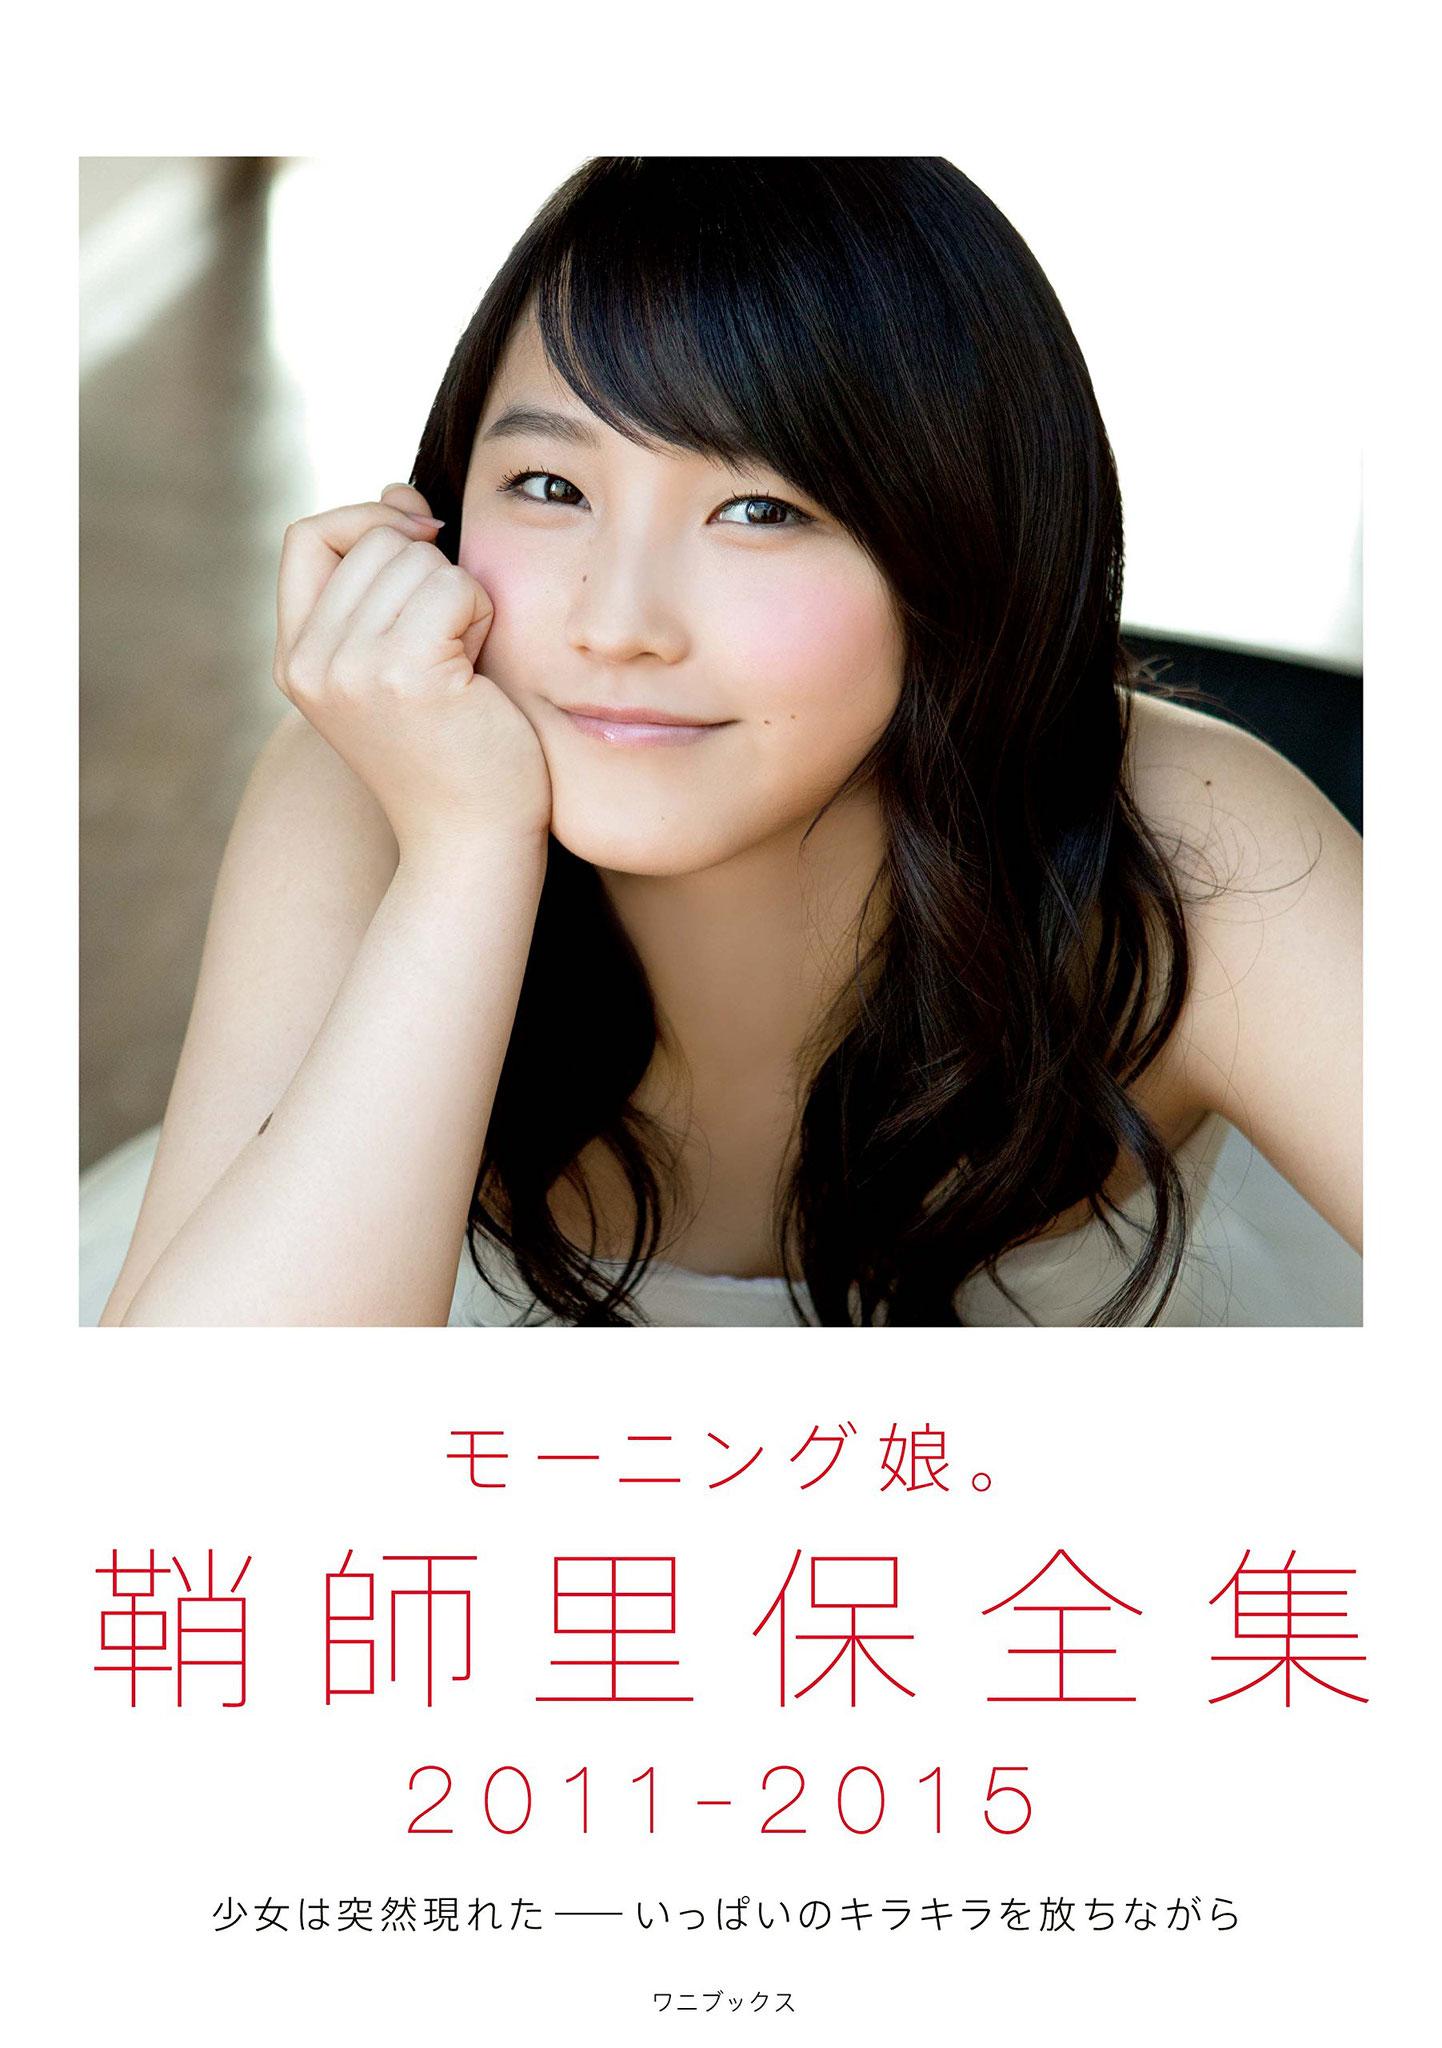 Morning Musume Sayashi Riho Zenshuu 2011-2015